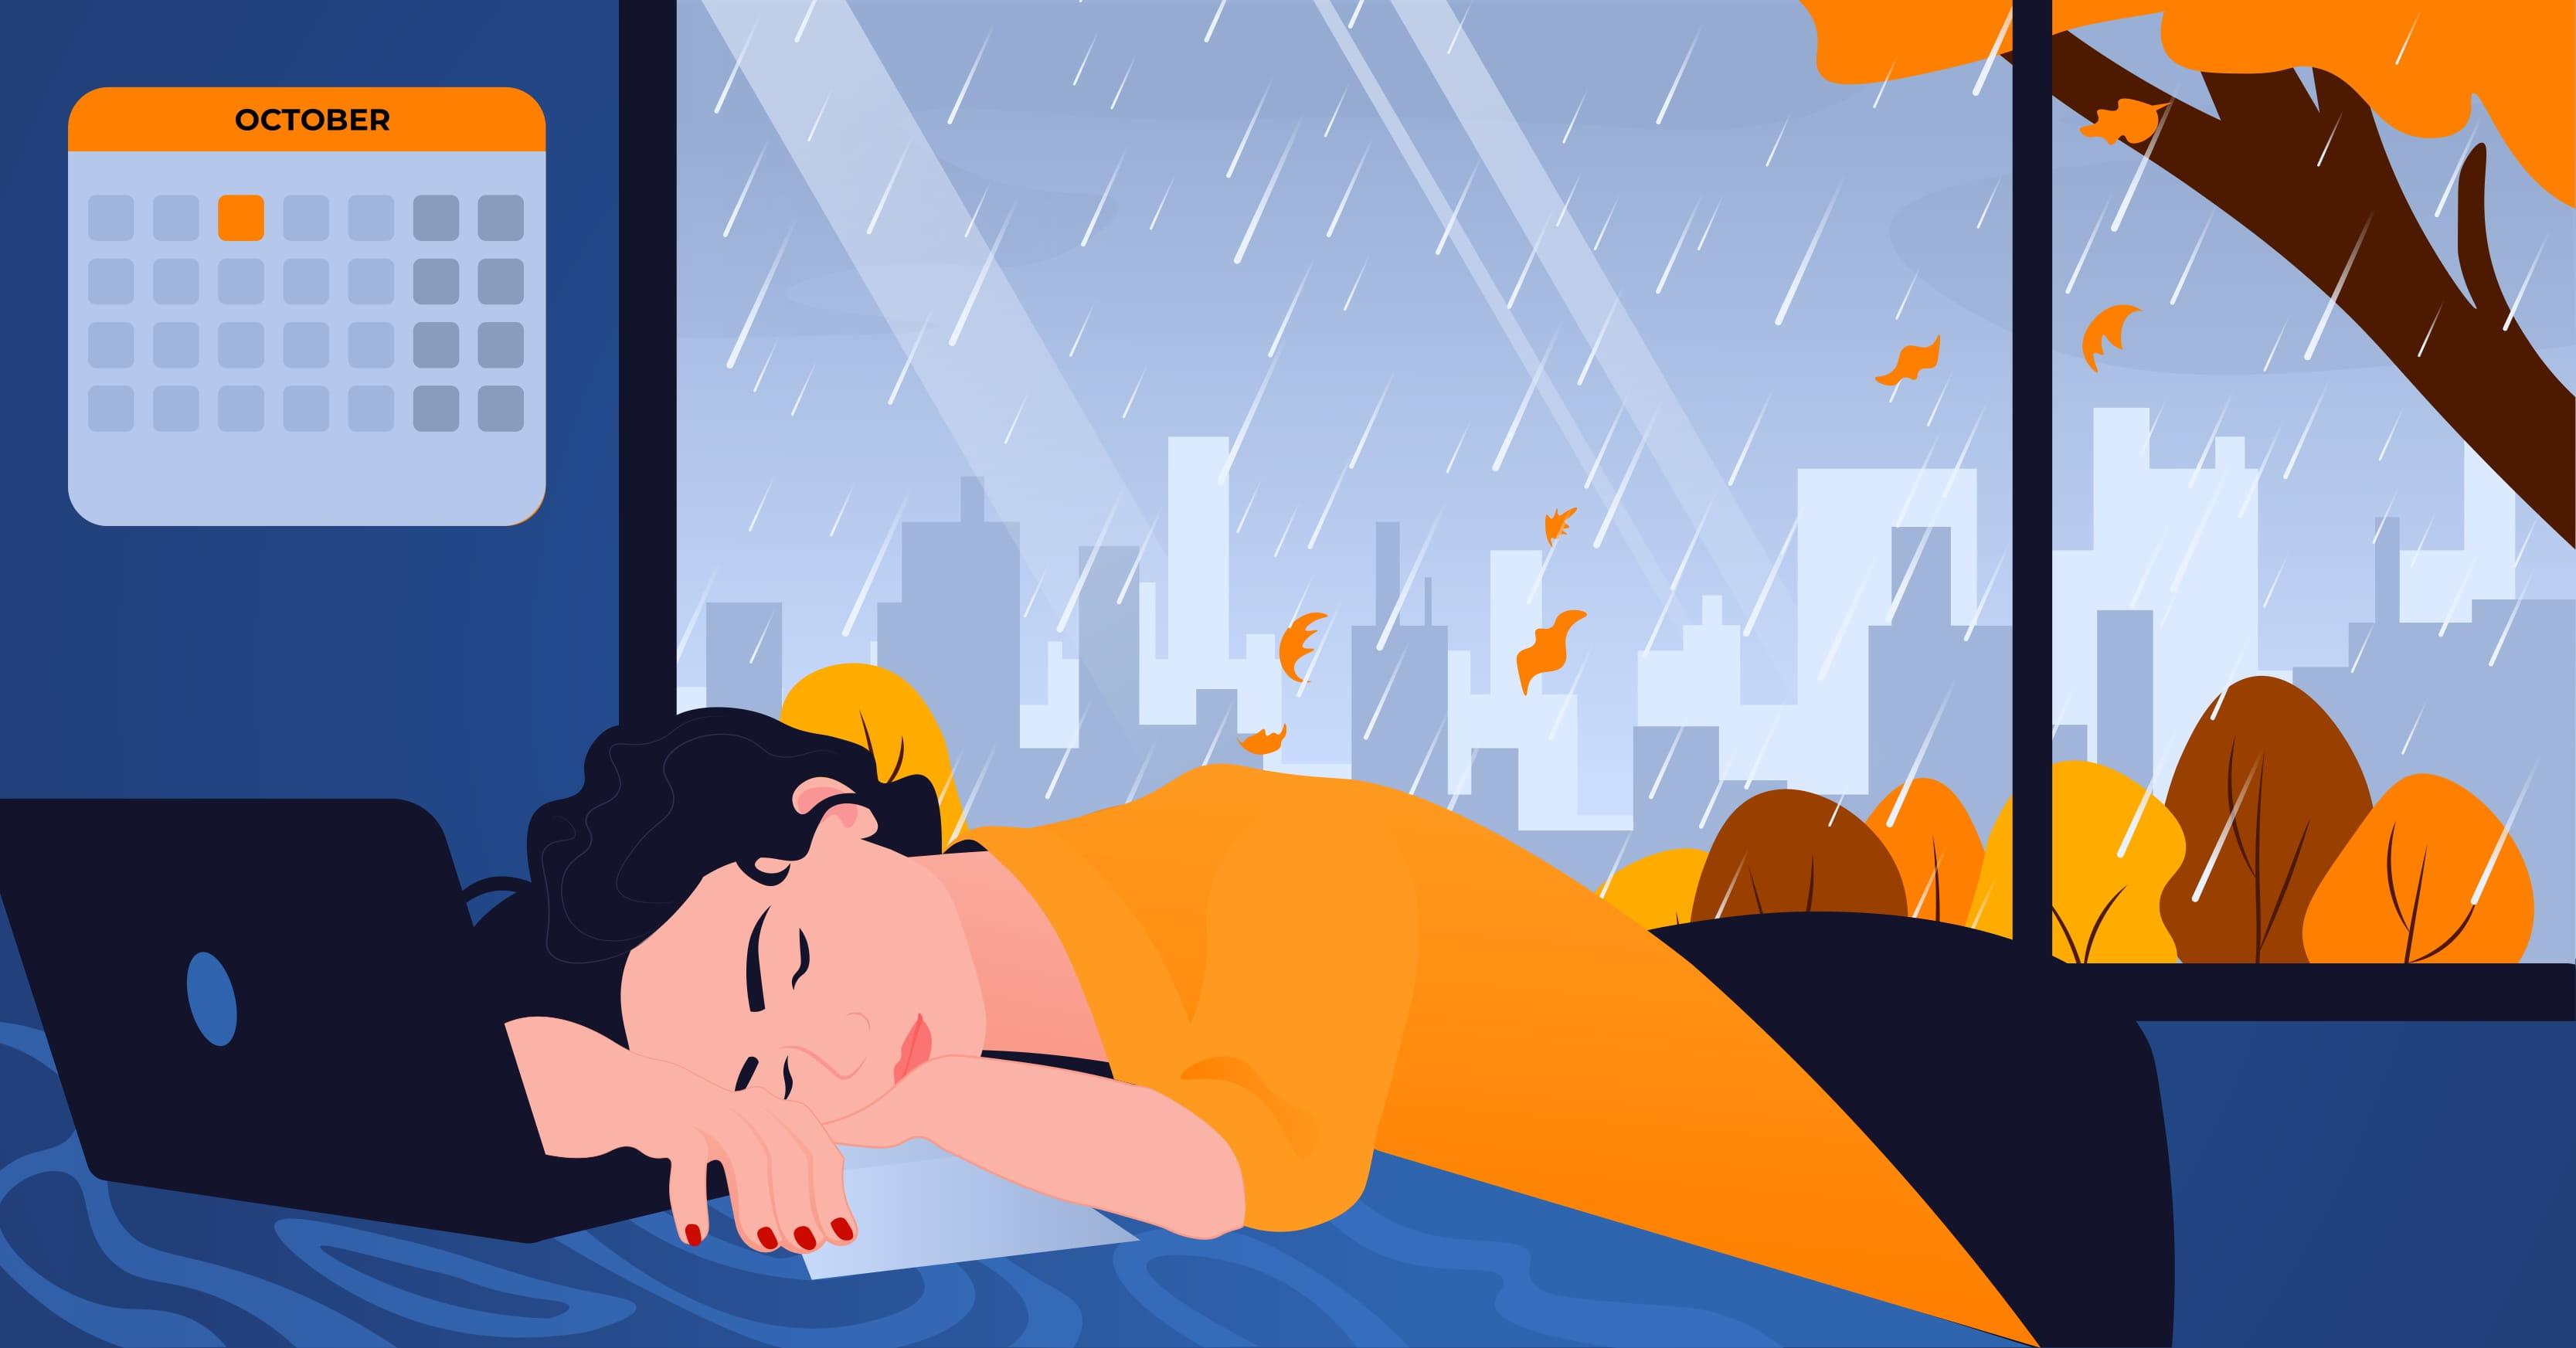 Jesienna pogoda, a efektywność w pracy